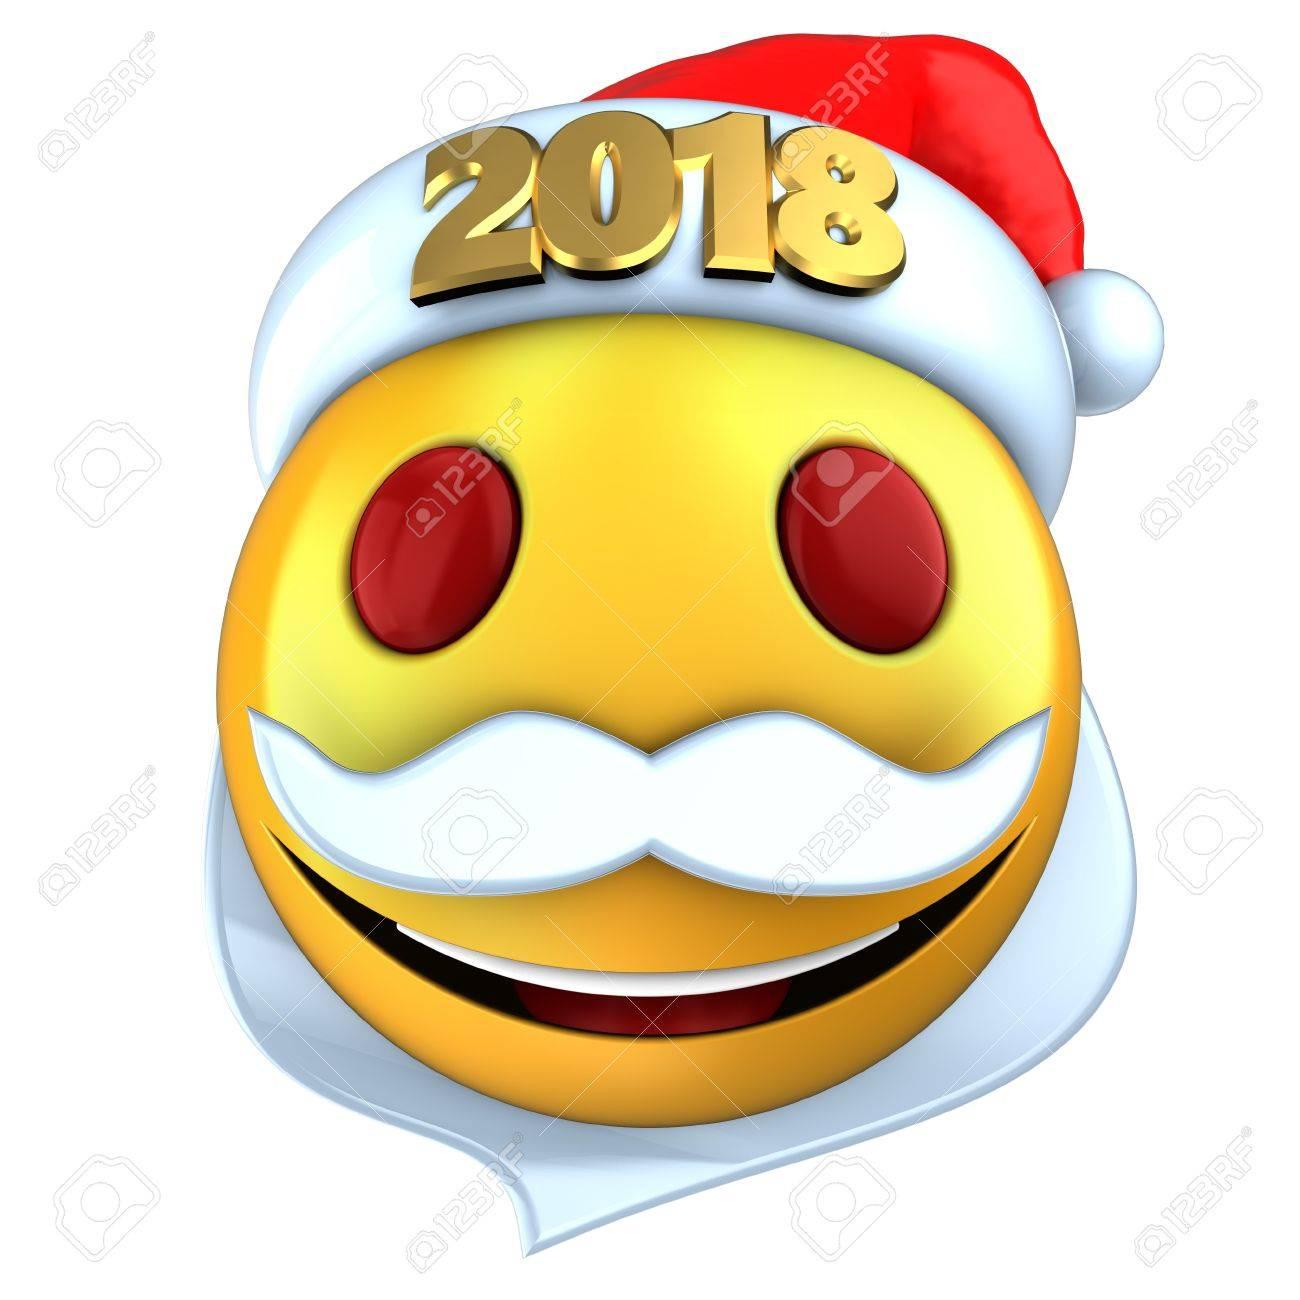 3D-Darstellung Von Gelben Emoticon Lächeln Mit 2018 Weihnachten Hut ...